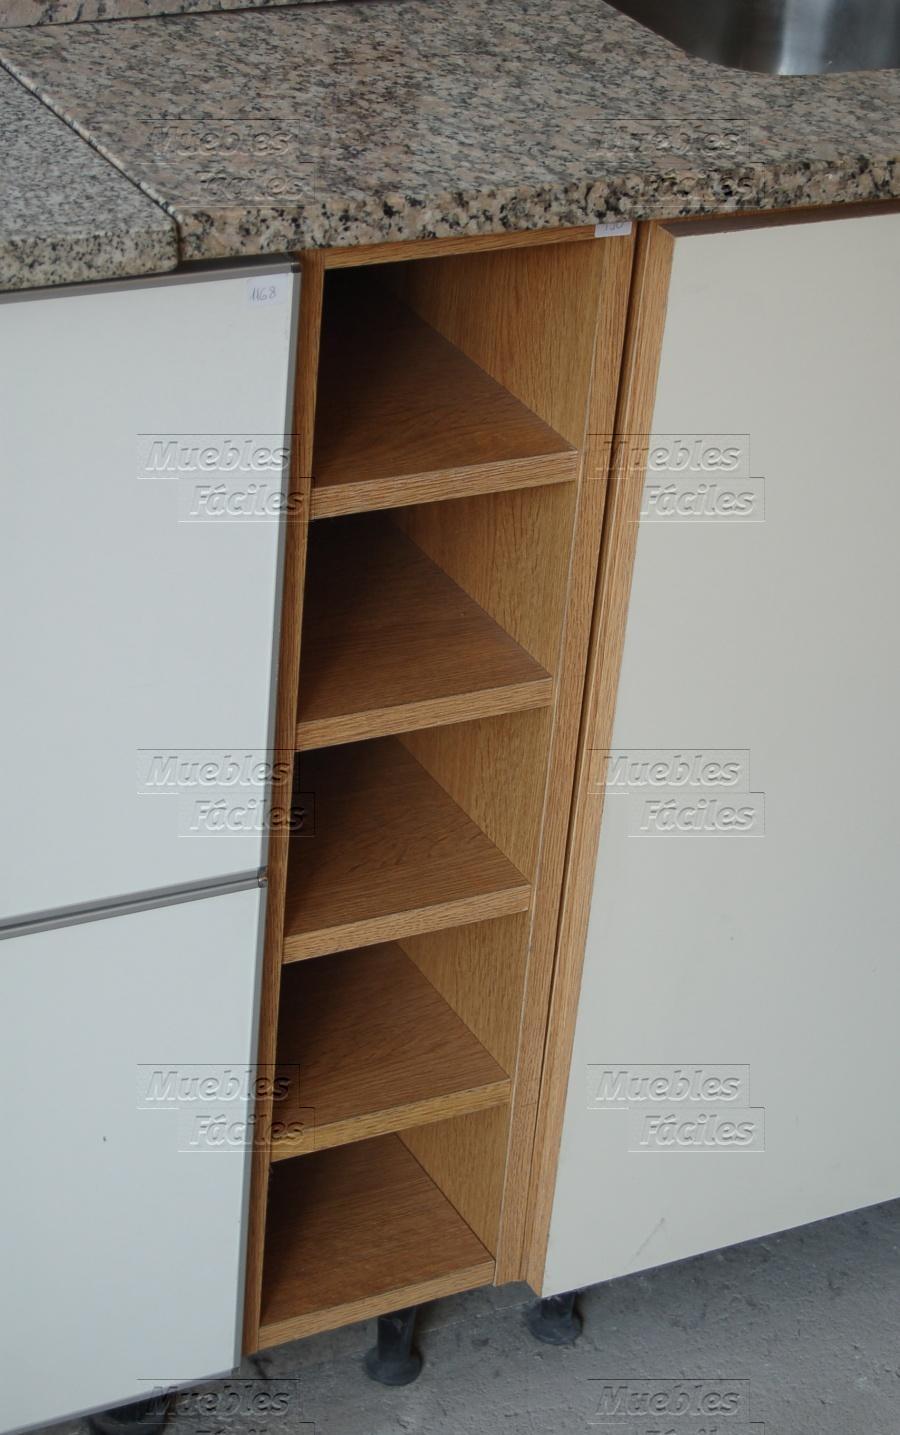 Muebles Fáciles | Productos de Cocina | Botellero bajomesada 15cm